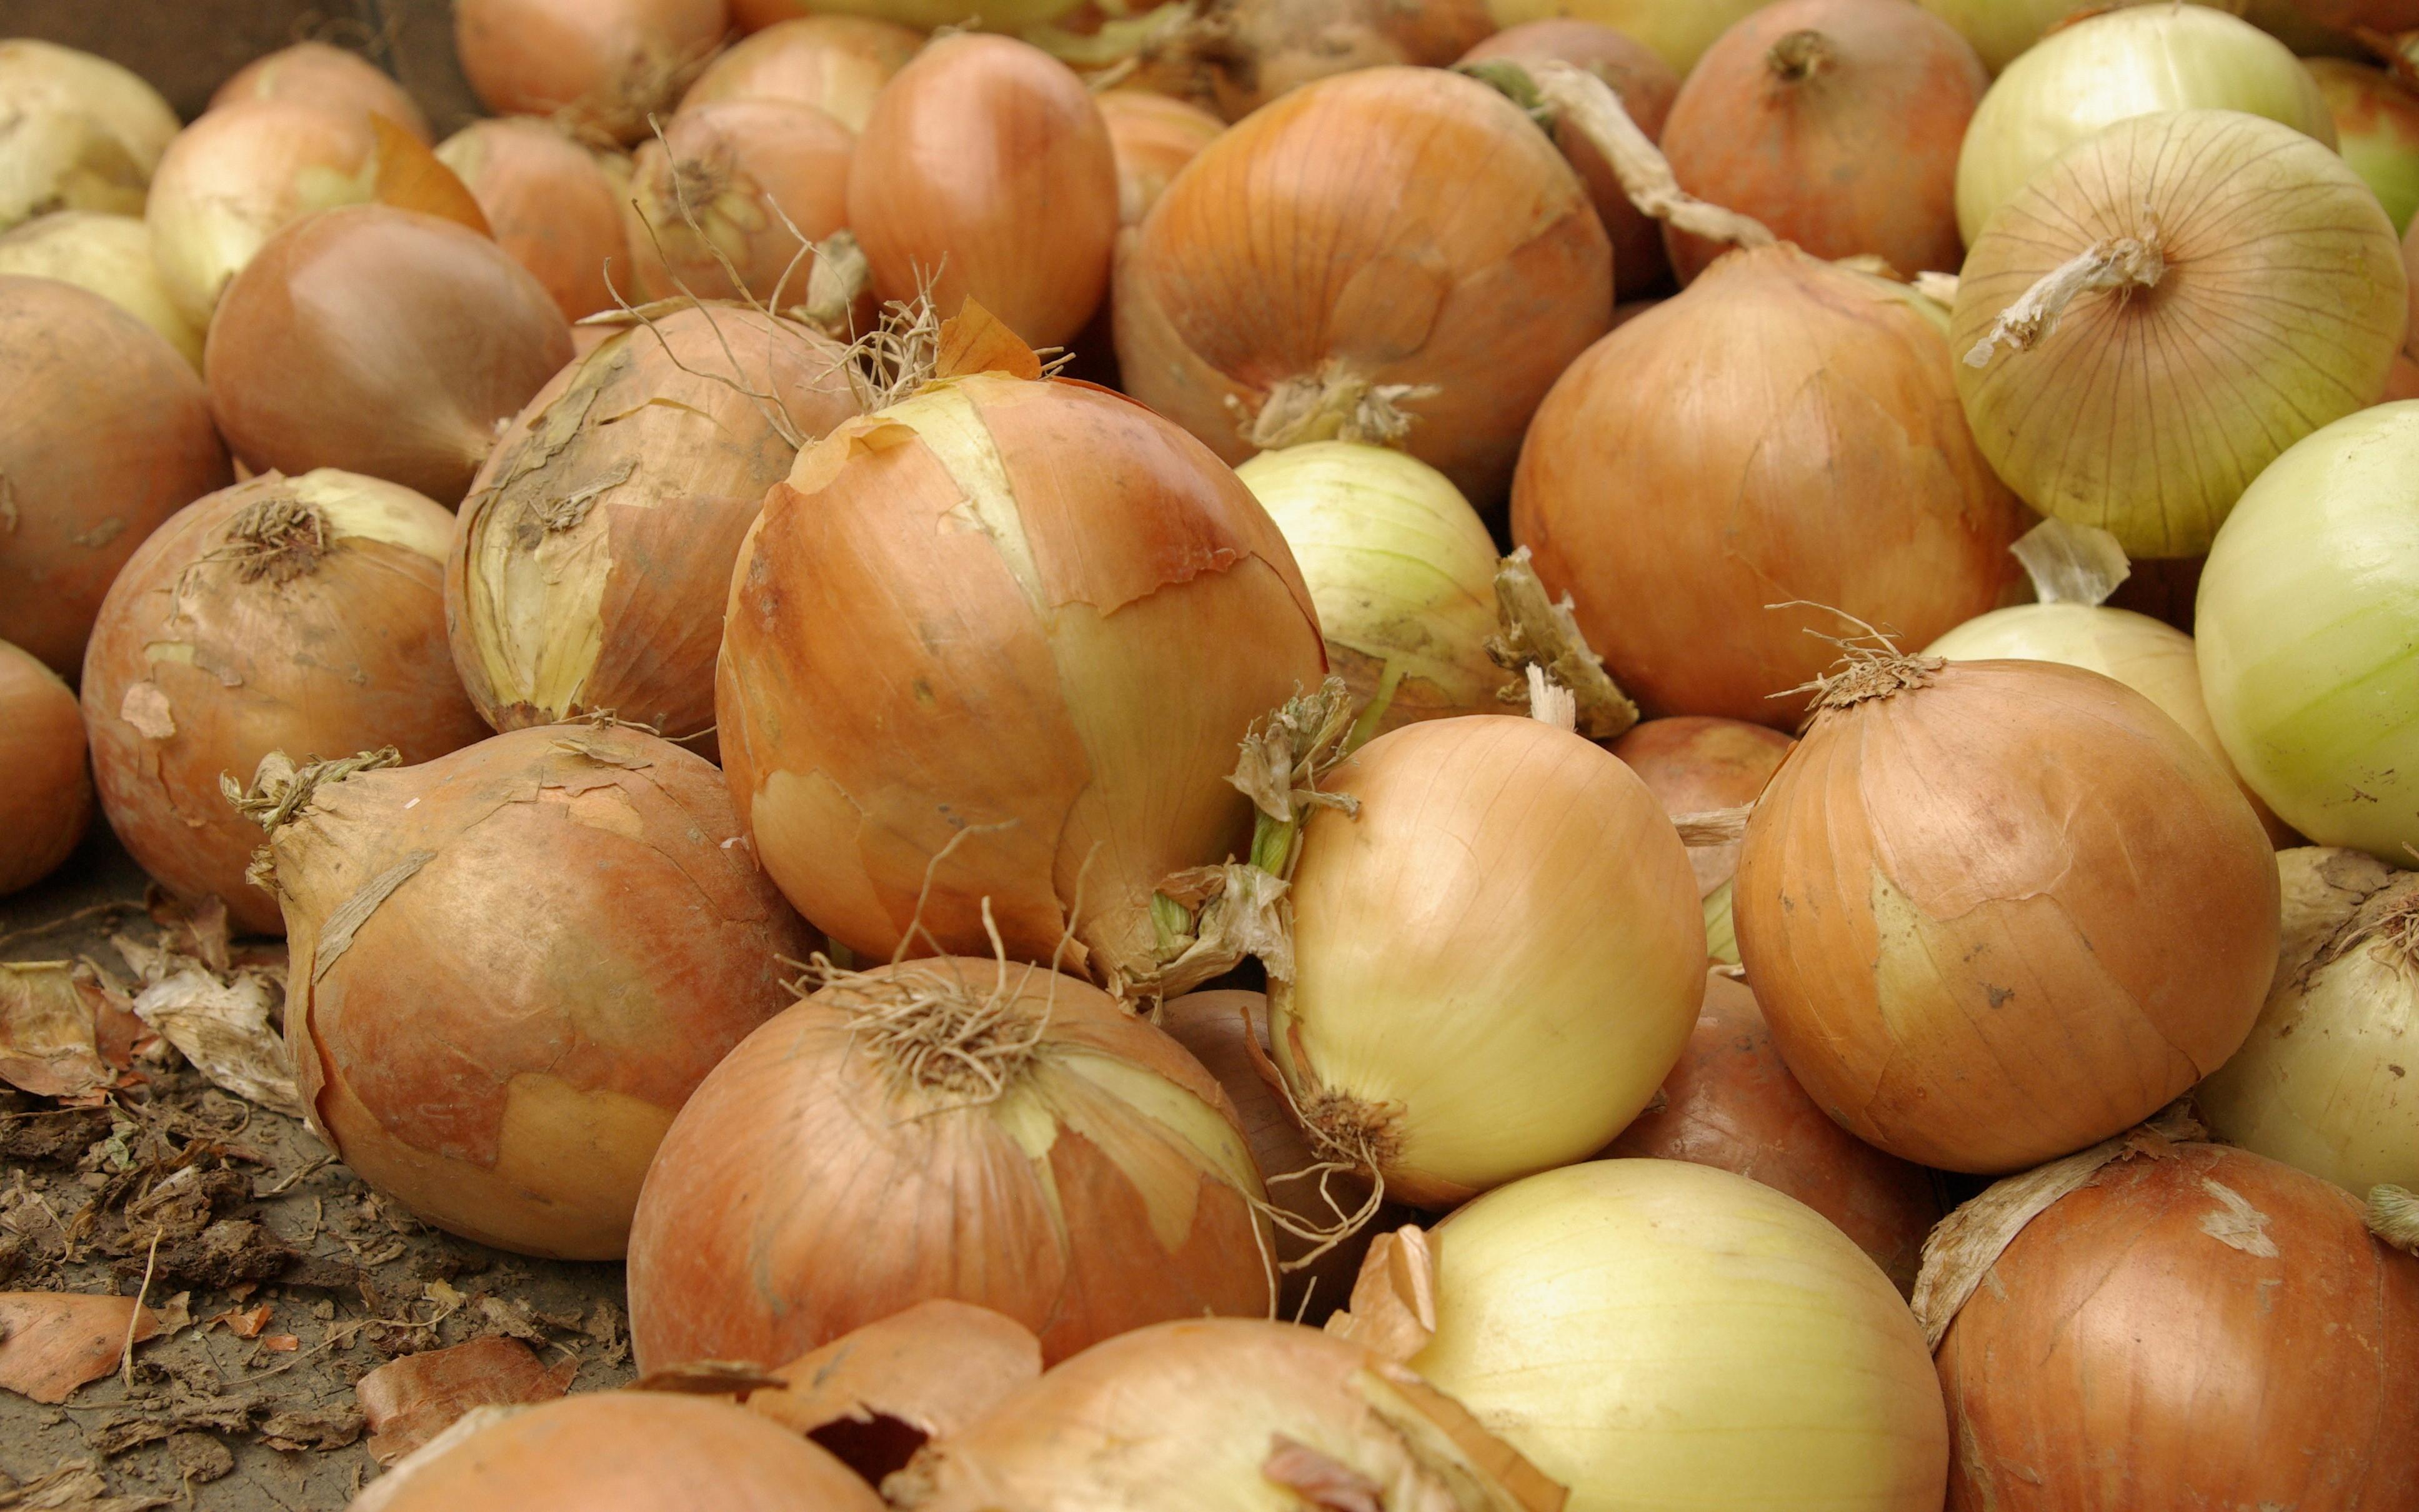 Královnou kuchyně je v Čechách cibule. Ve Všestarech ji pěstují s výjimečnými vl...